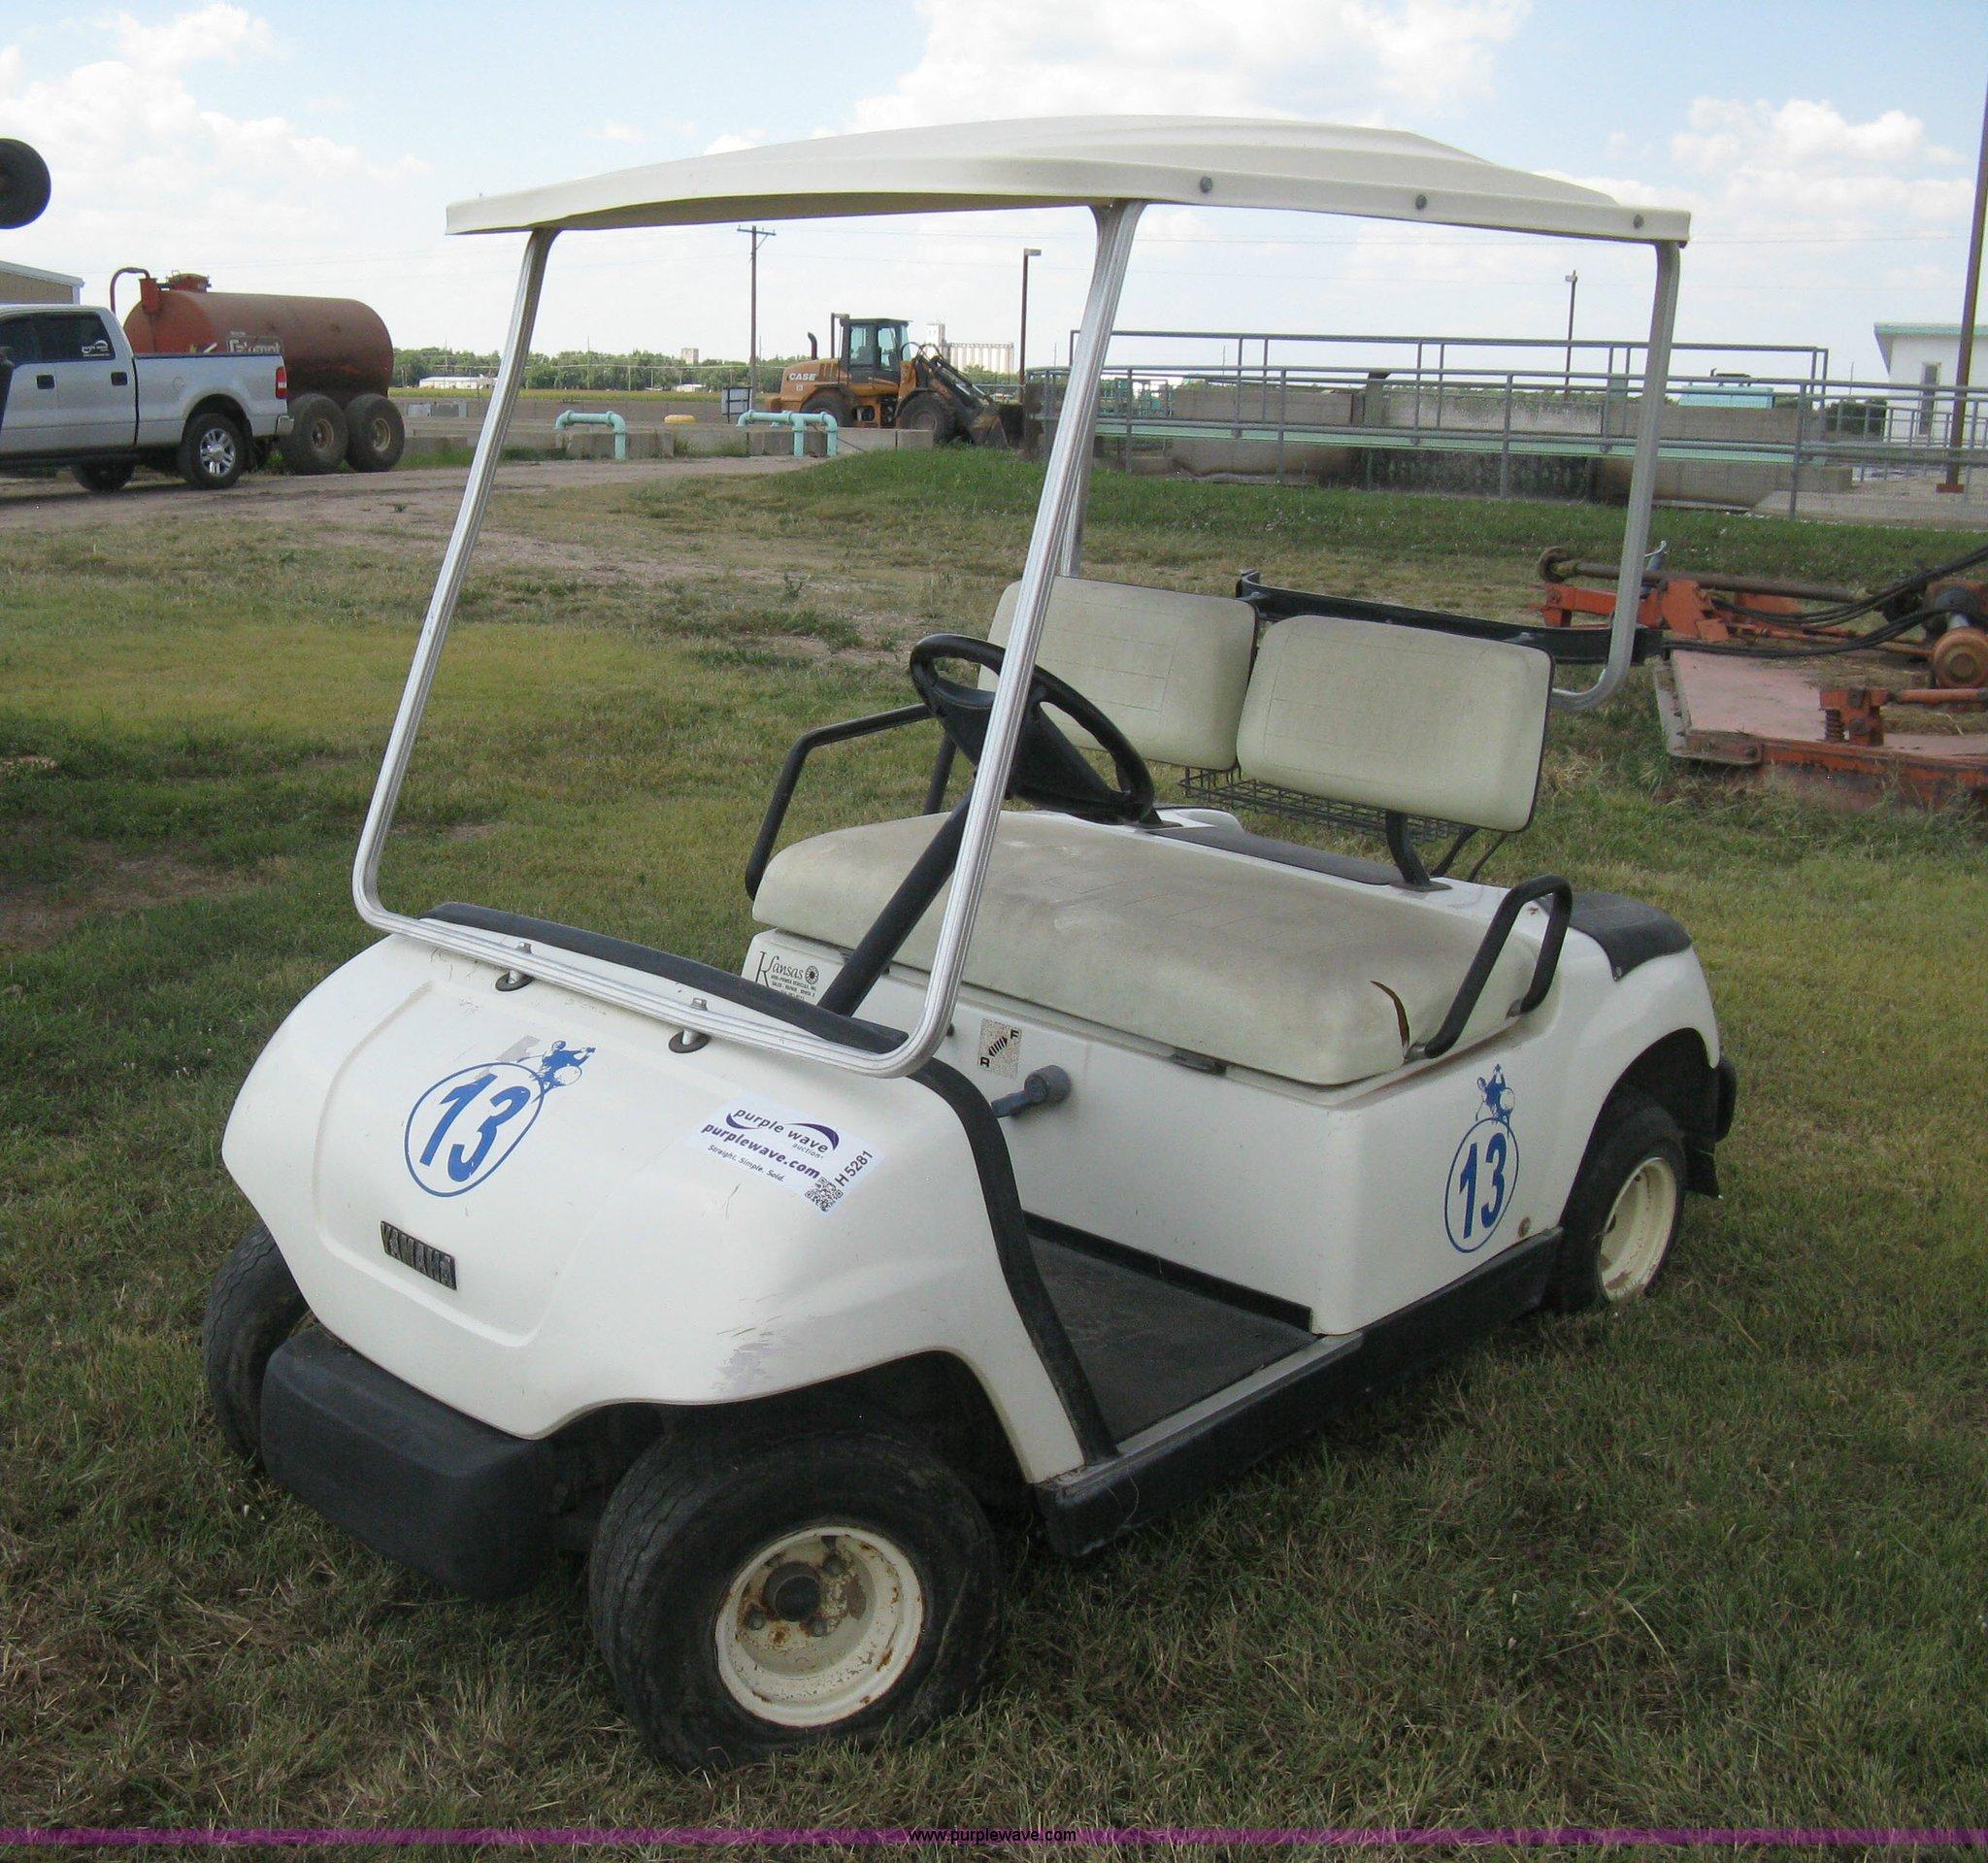 1997 yamaha g16a golf cart item h5281 sold september for Yamaha golf cart id